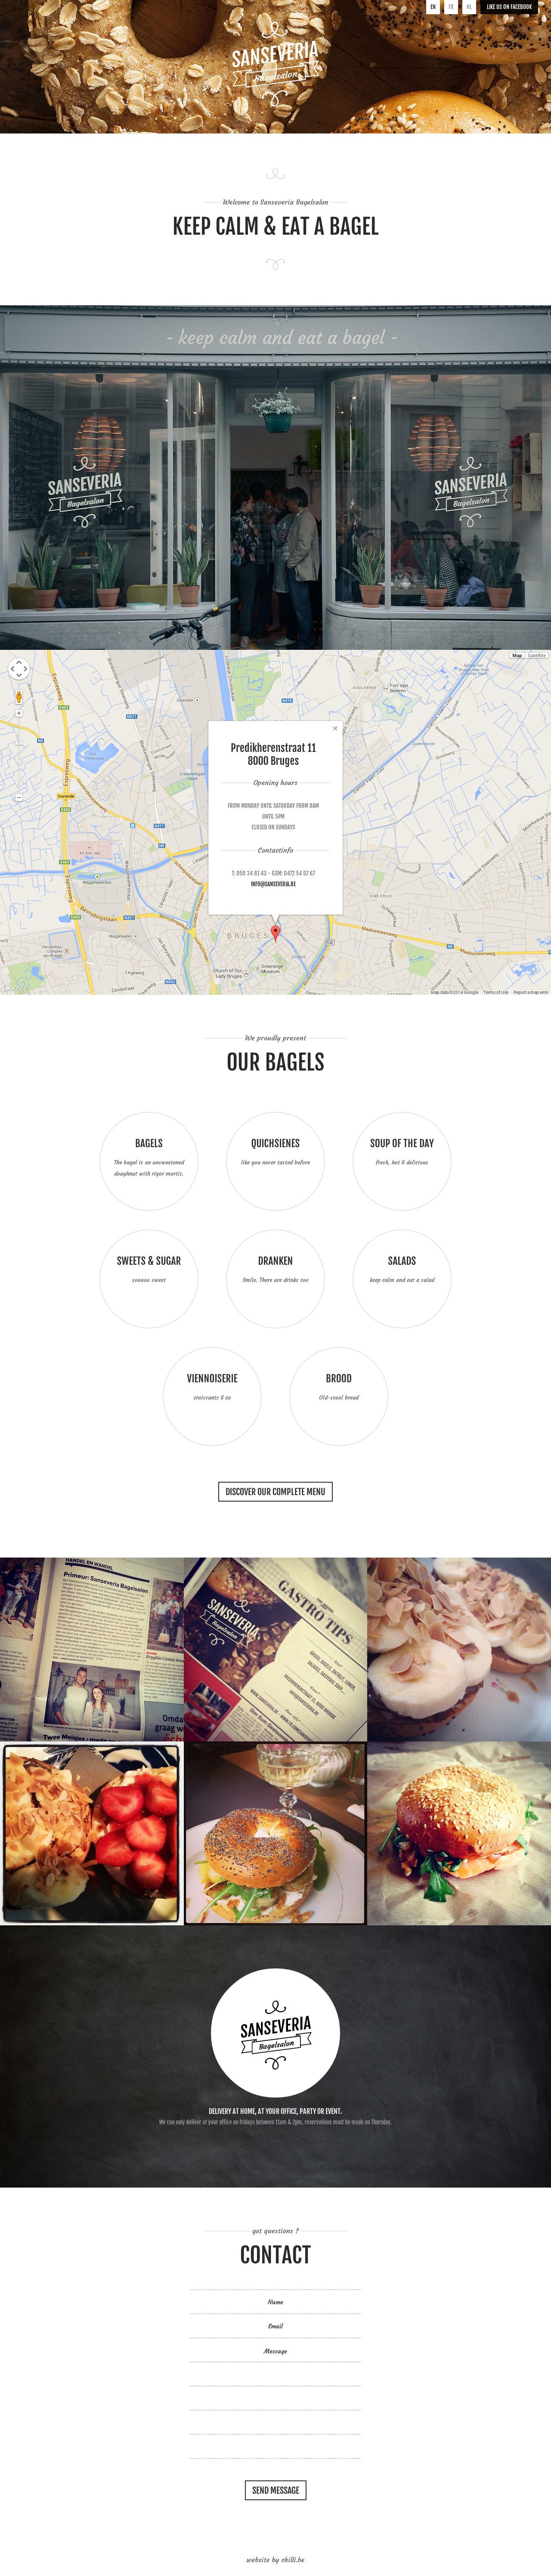 Sanseveria Bagelsalon Website Screenshot